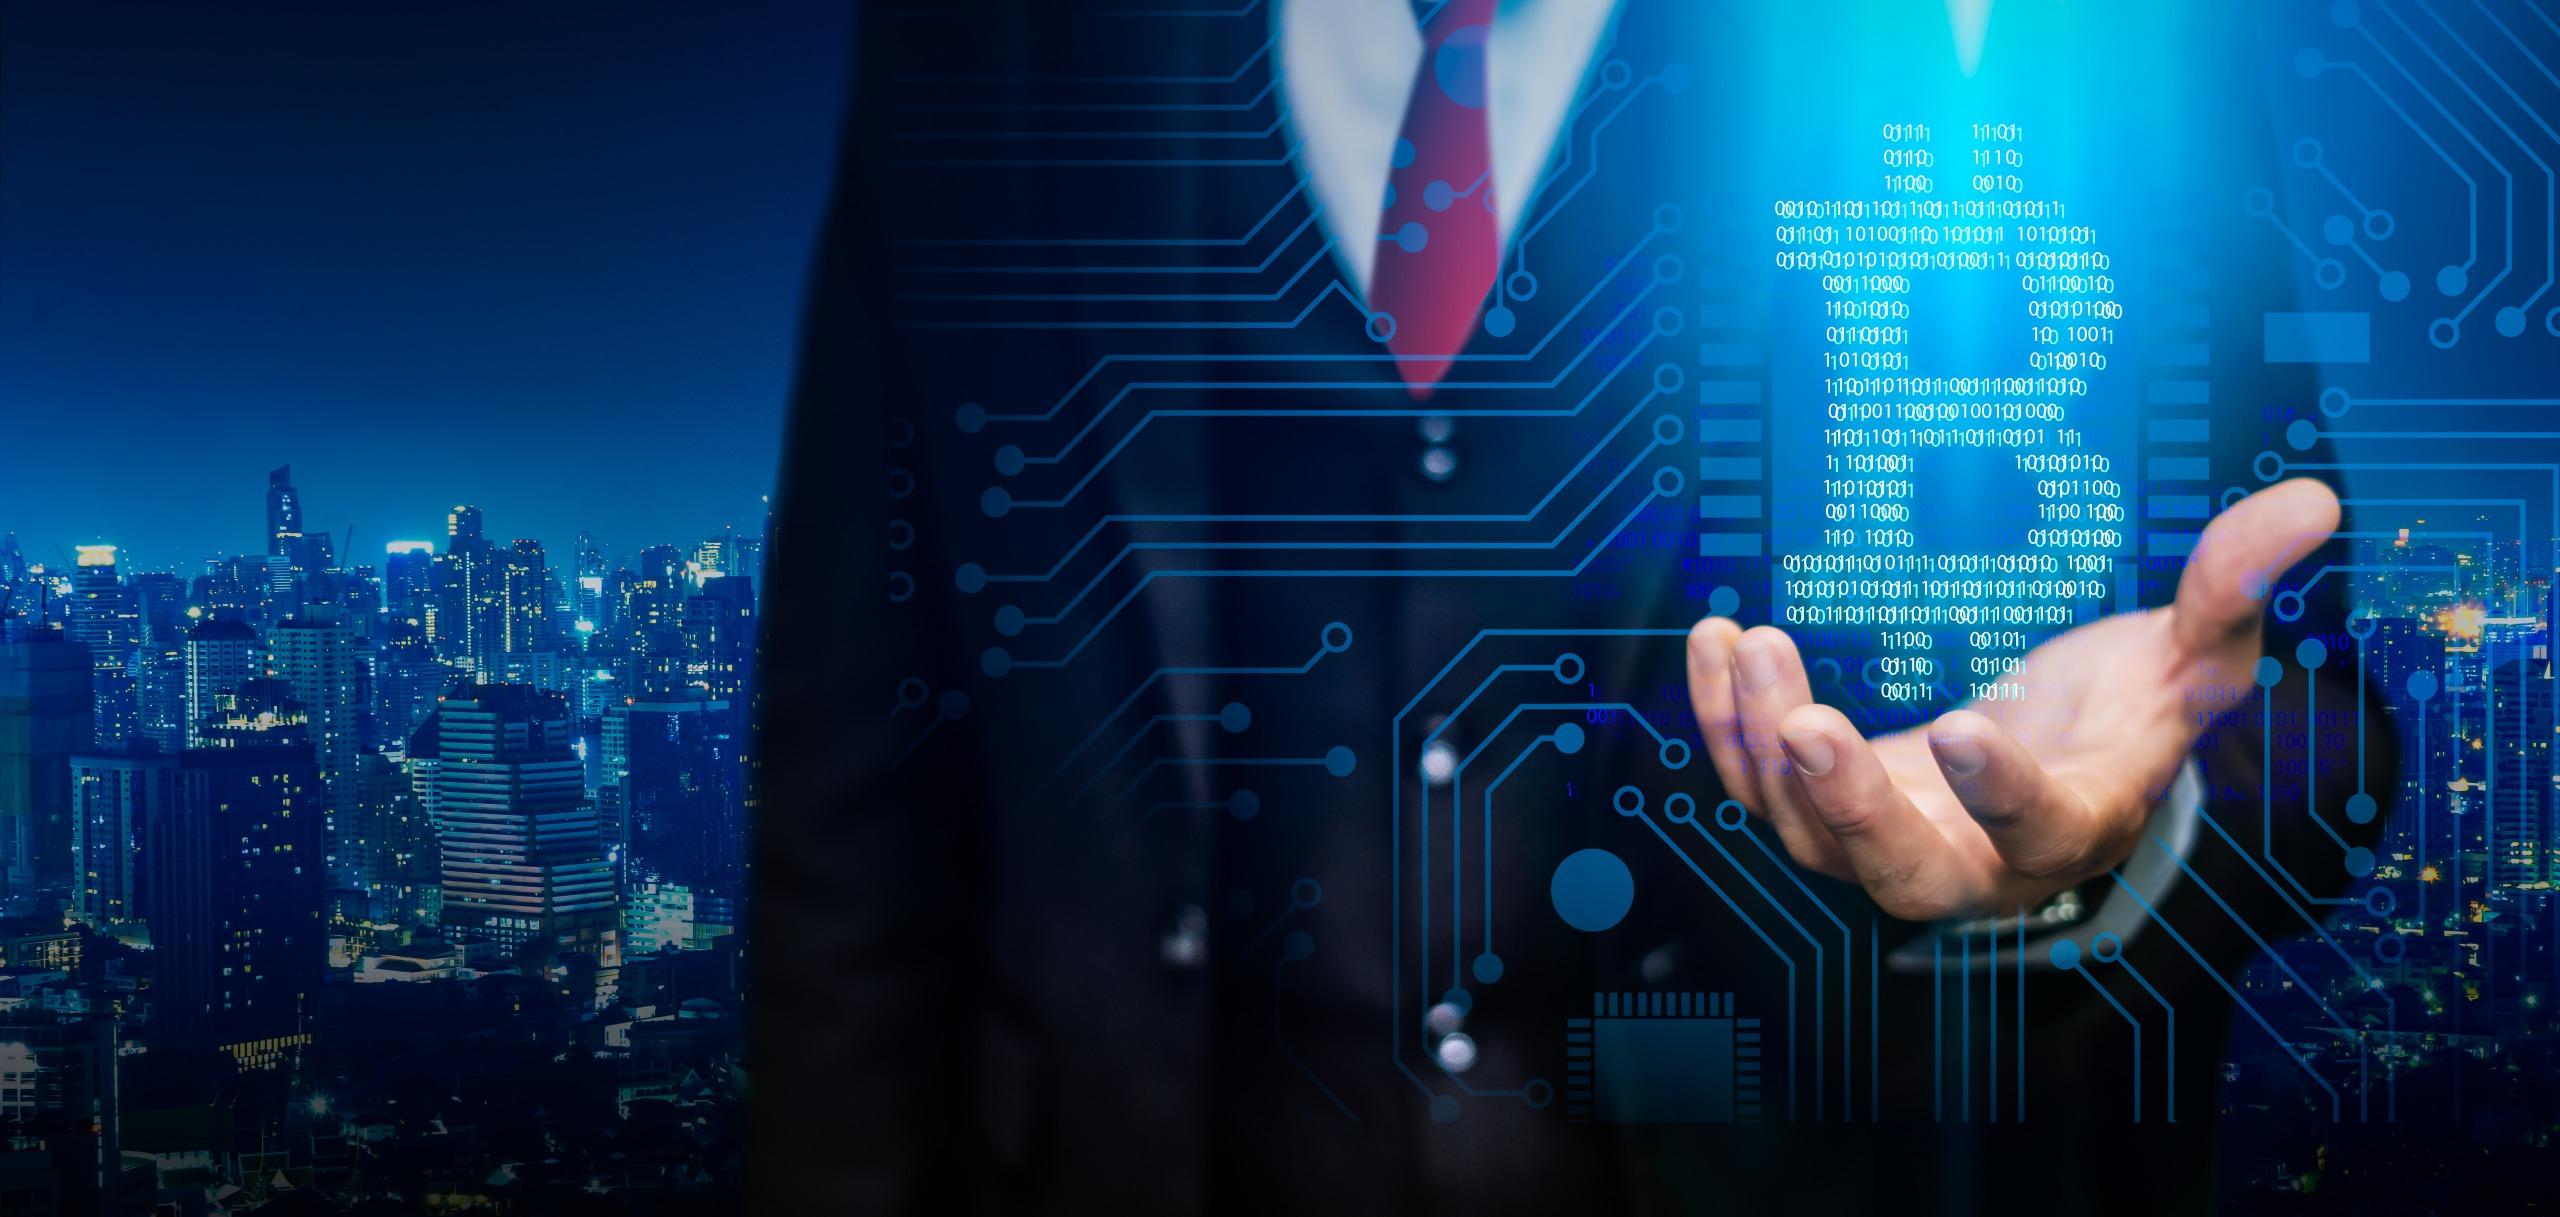 """製品IoTに立ちはだかる""""マネタイズの壁""""を乗り越えて「モノ売りから、コト売りへ」ビジネスモデルの転換に挑戦する製造業"""